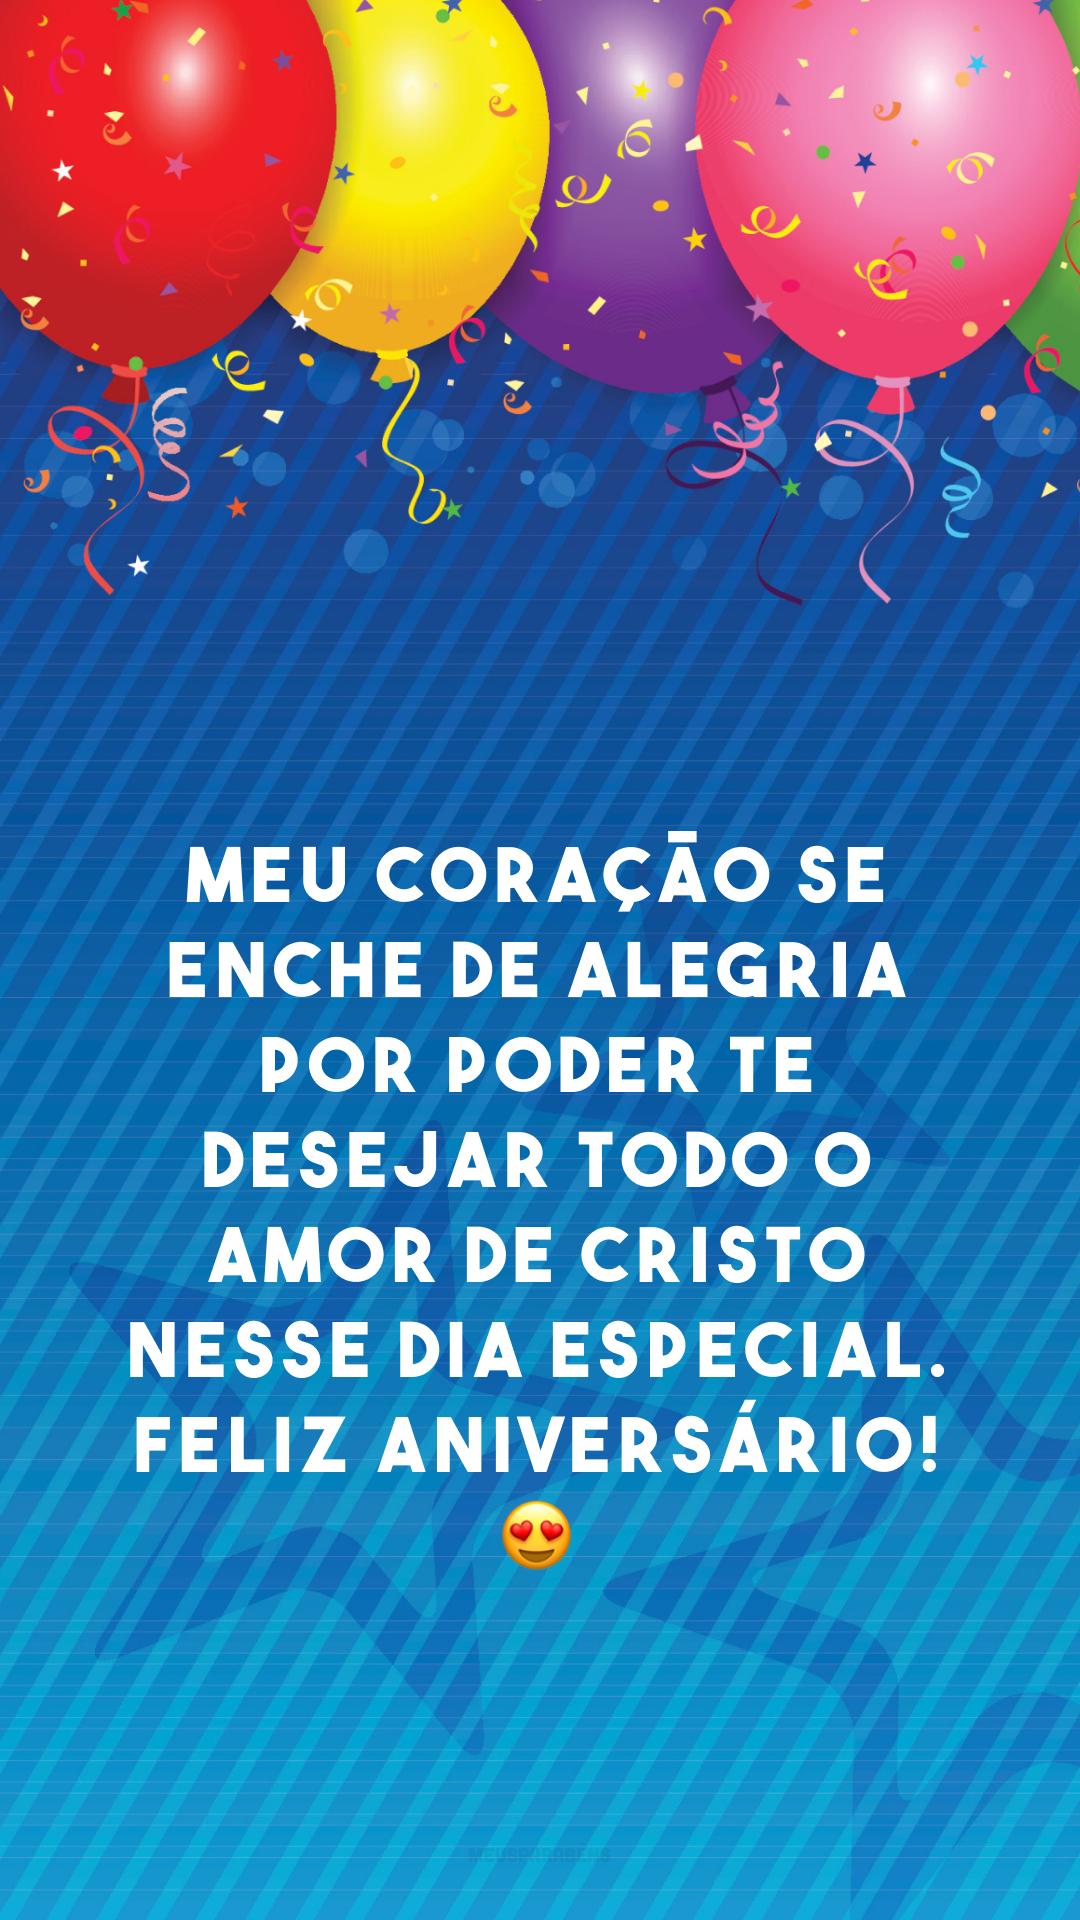 Meu coração se enche de alegria por poder te desejar todo o amor de Cristo nesse dia especial. Feliz aniversário! 😍